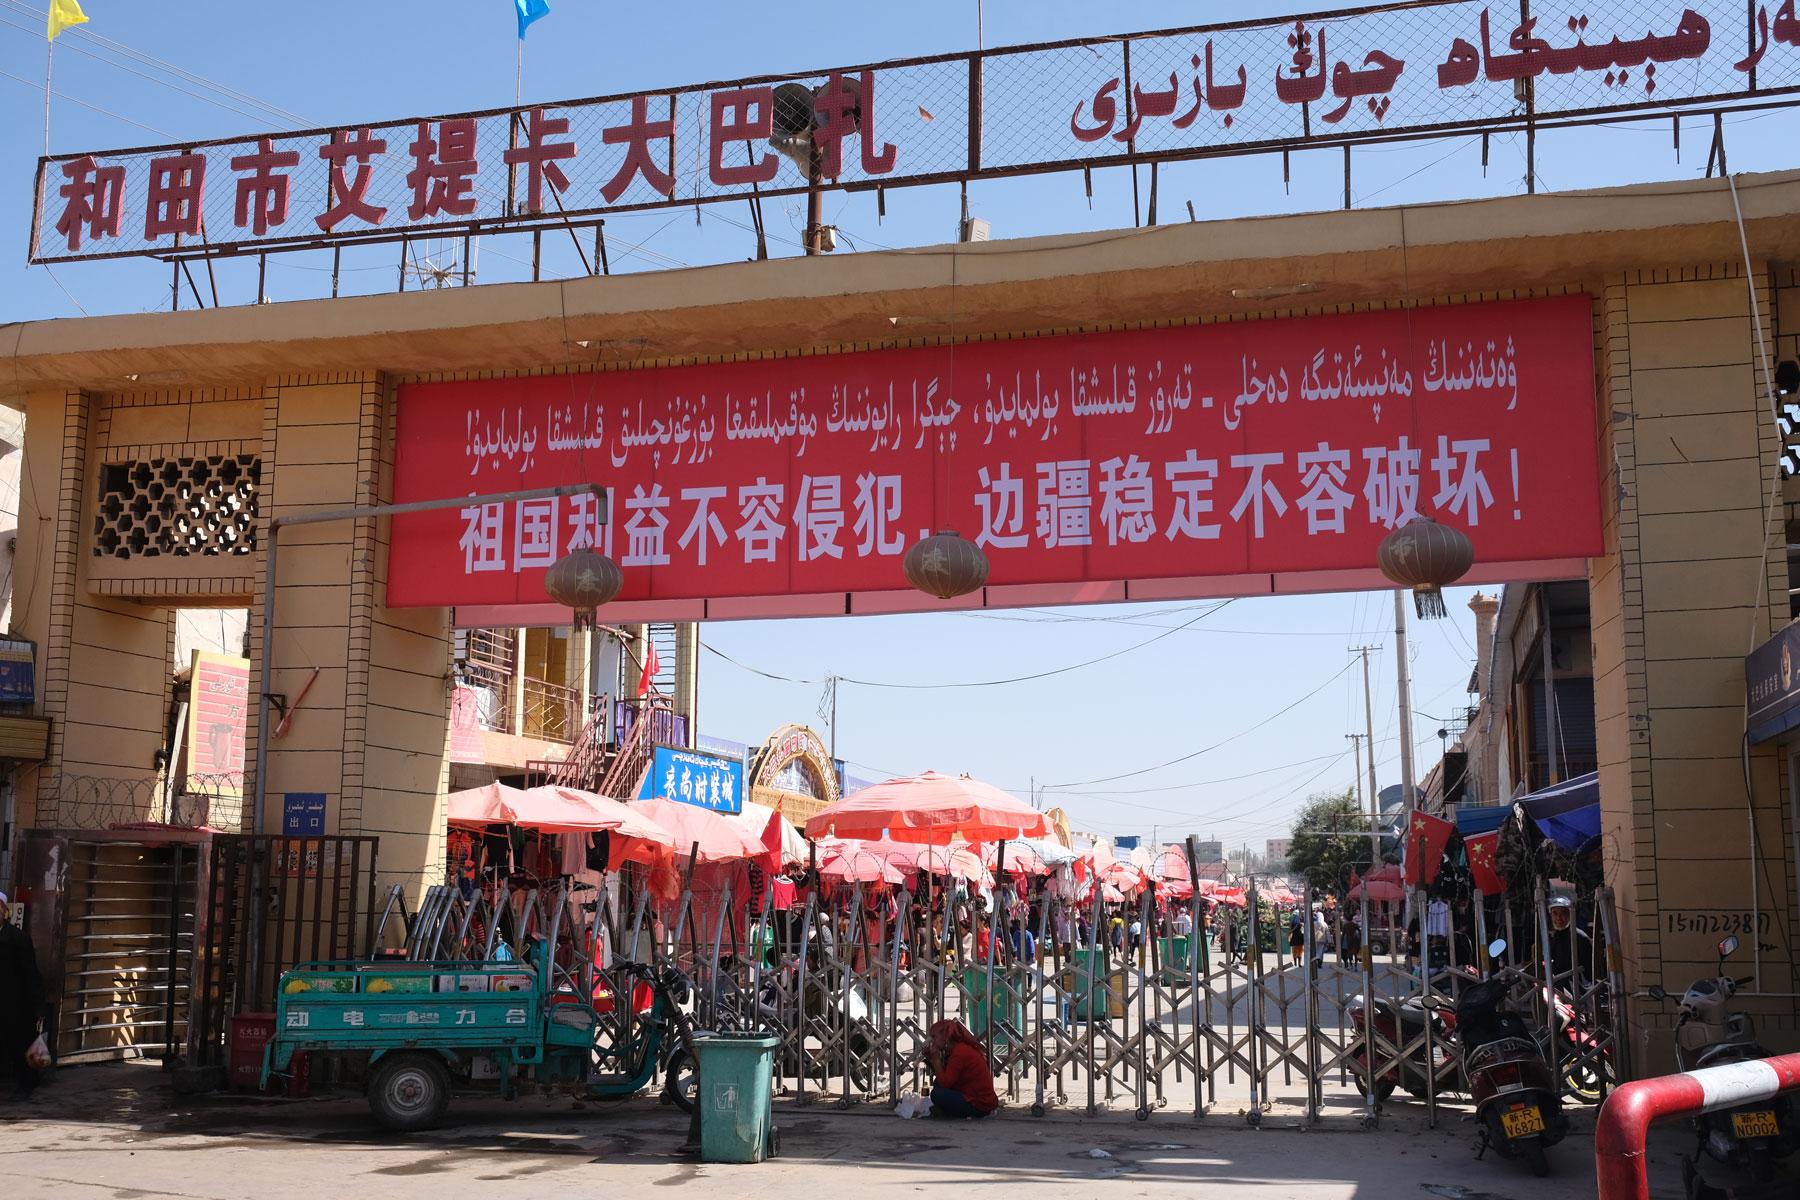 Der Markteingang wurde verschlossen. Nun müssen alle Besucher durch eine Sicherheitsschleuse durch und sich teils ausweisen.